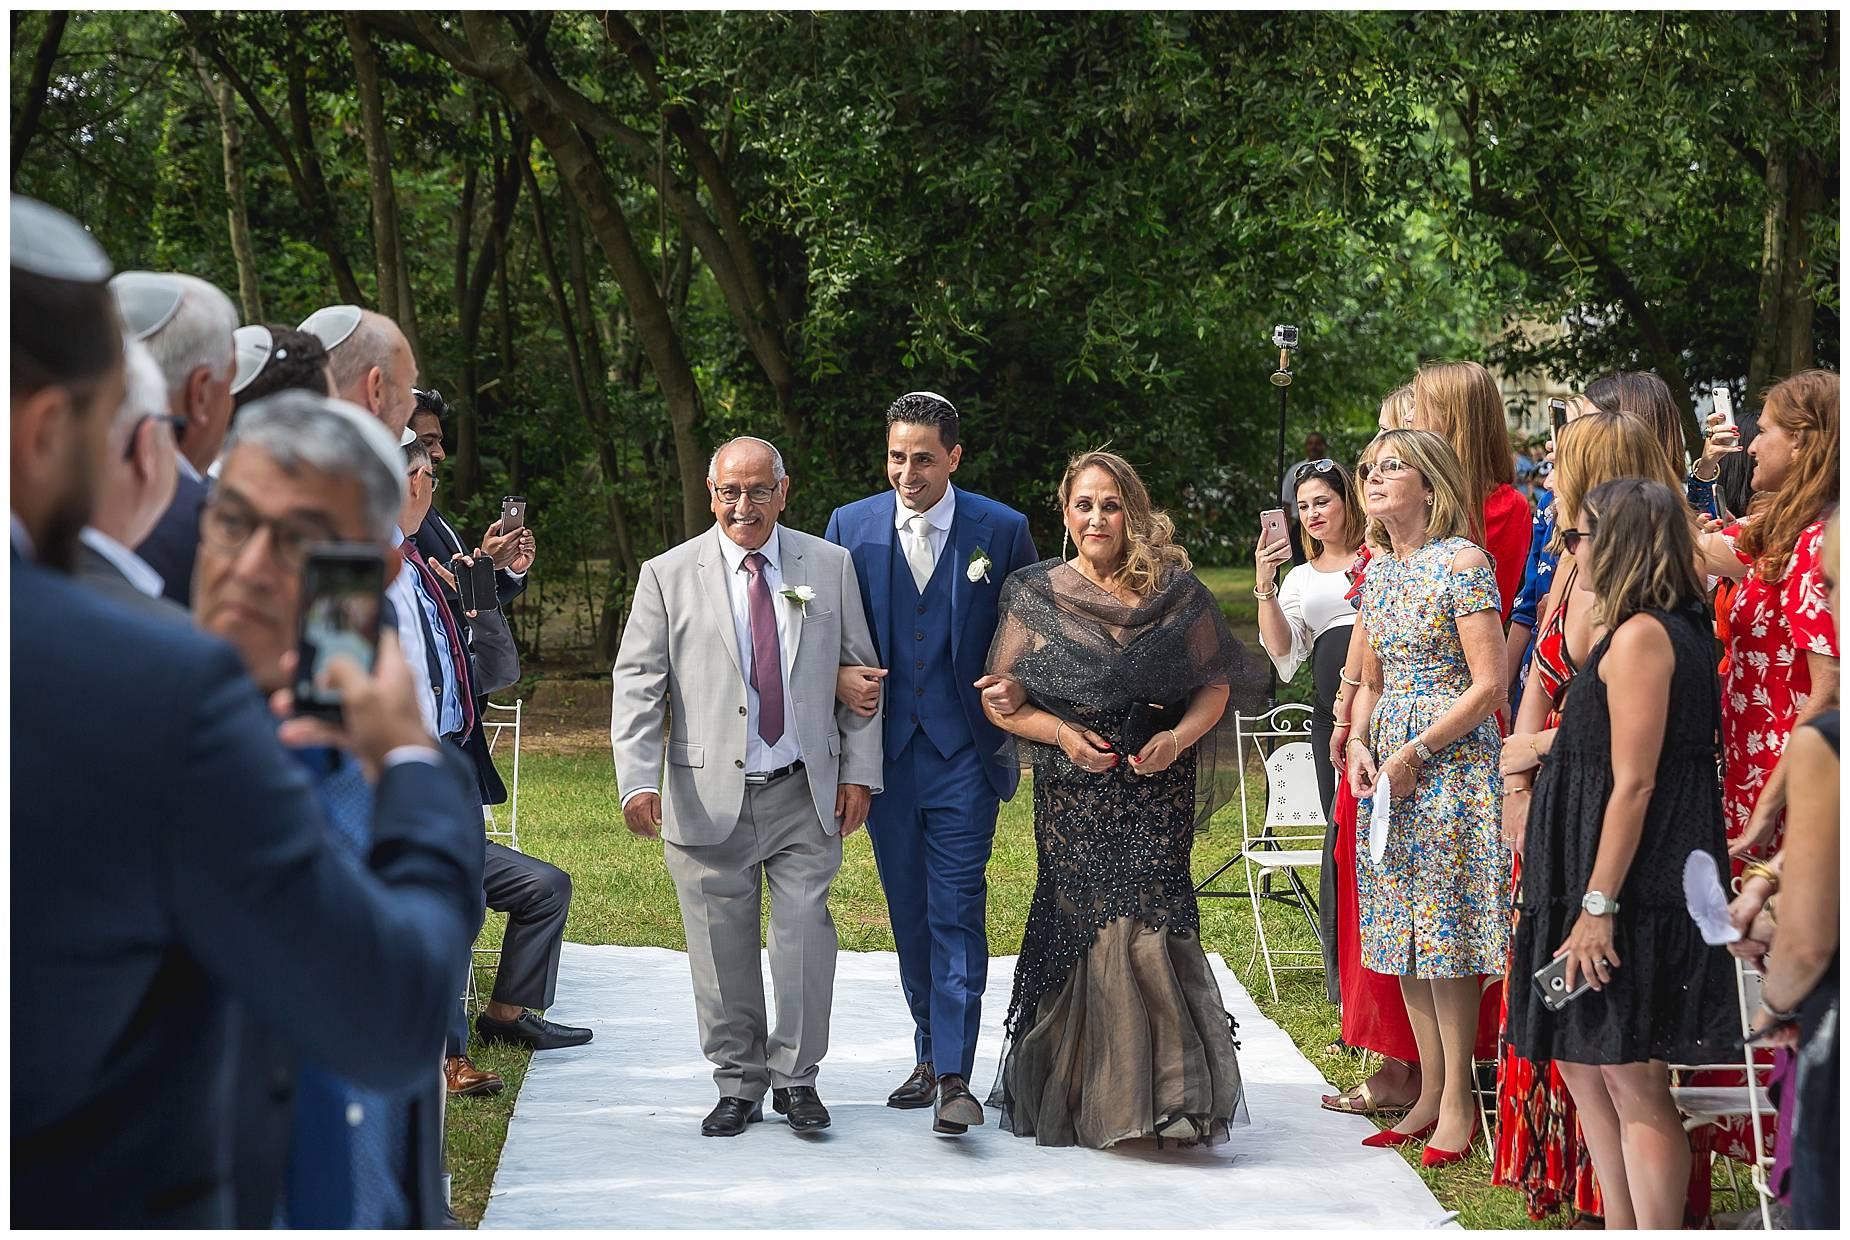 Chateau de Pouget groom walks down the aisle with parents